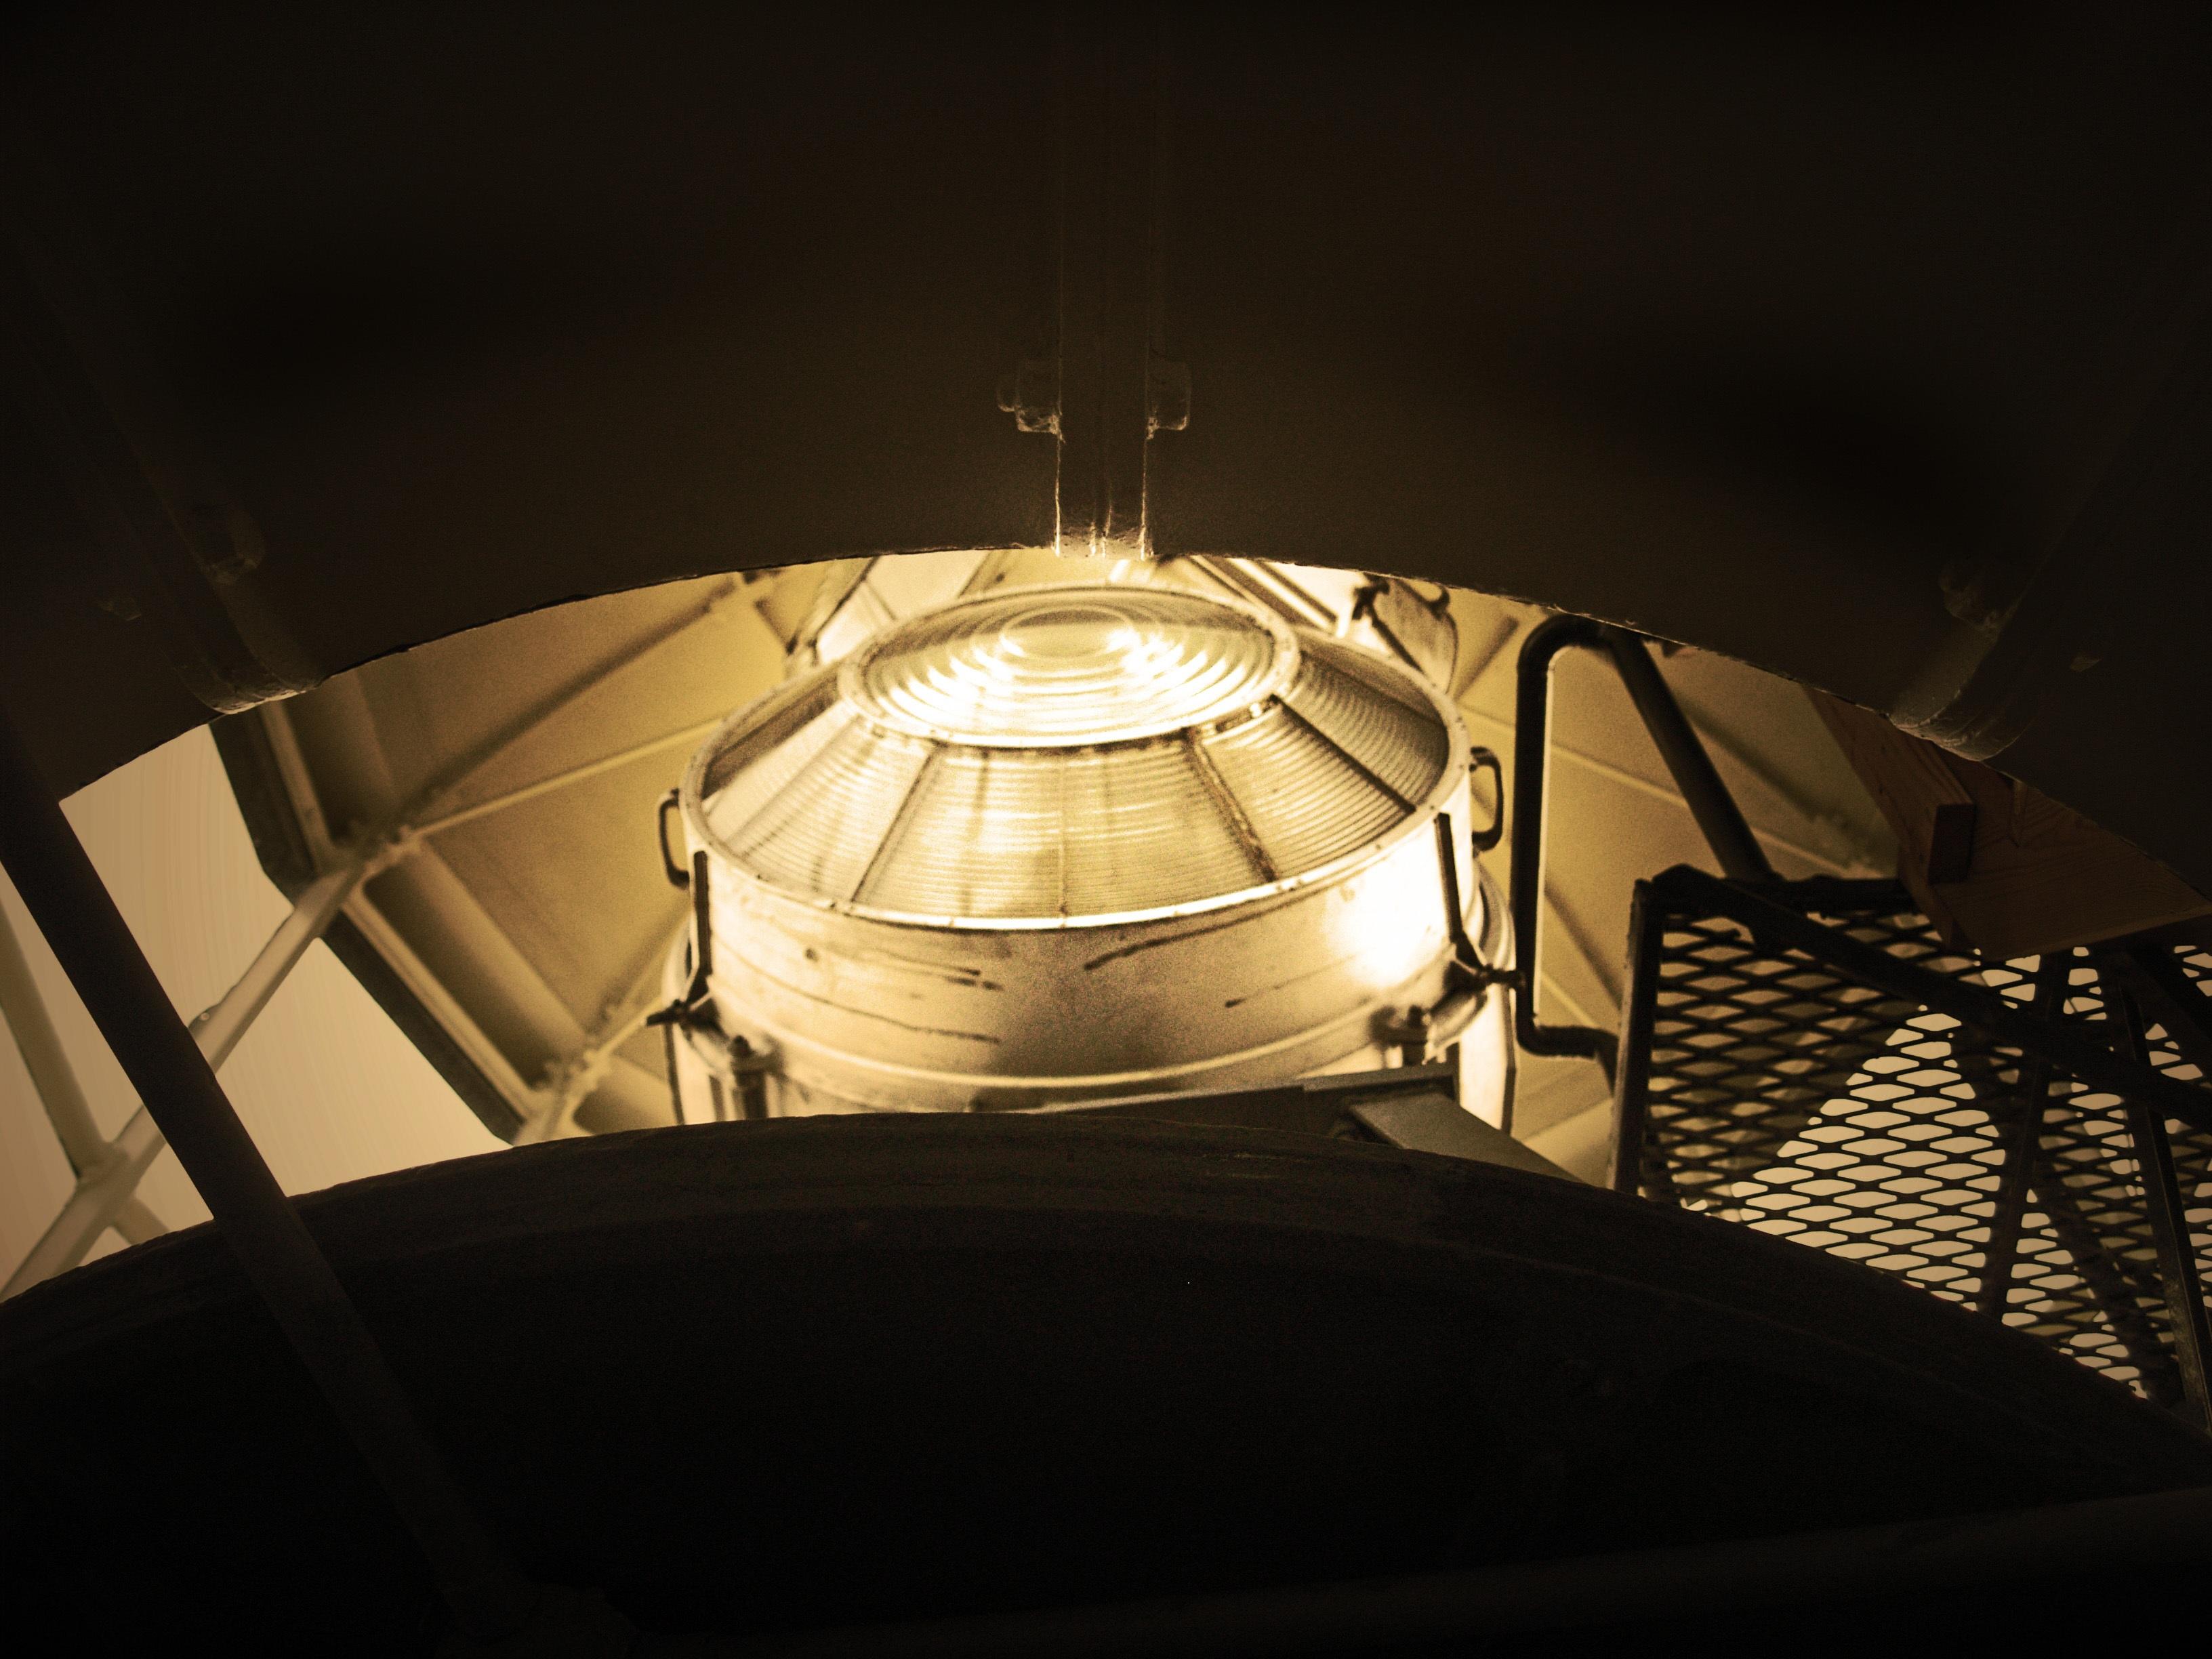 Maritime Beleuchtung kostenlose foto küste ozean licht leuchtturm nacht strahl